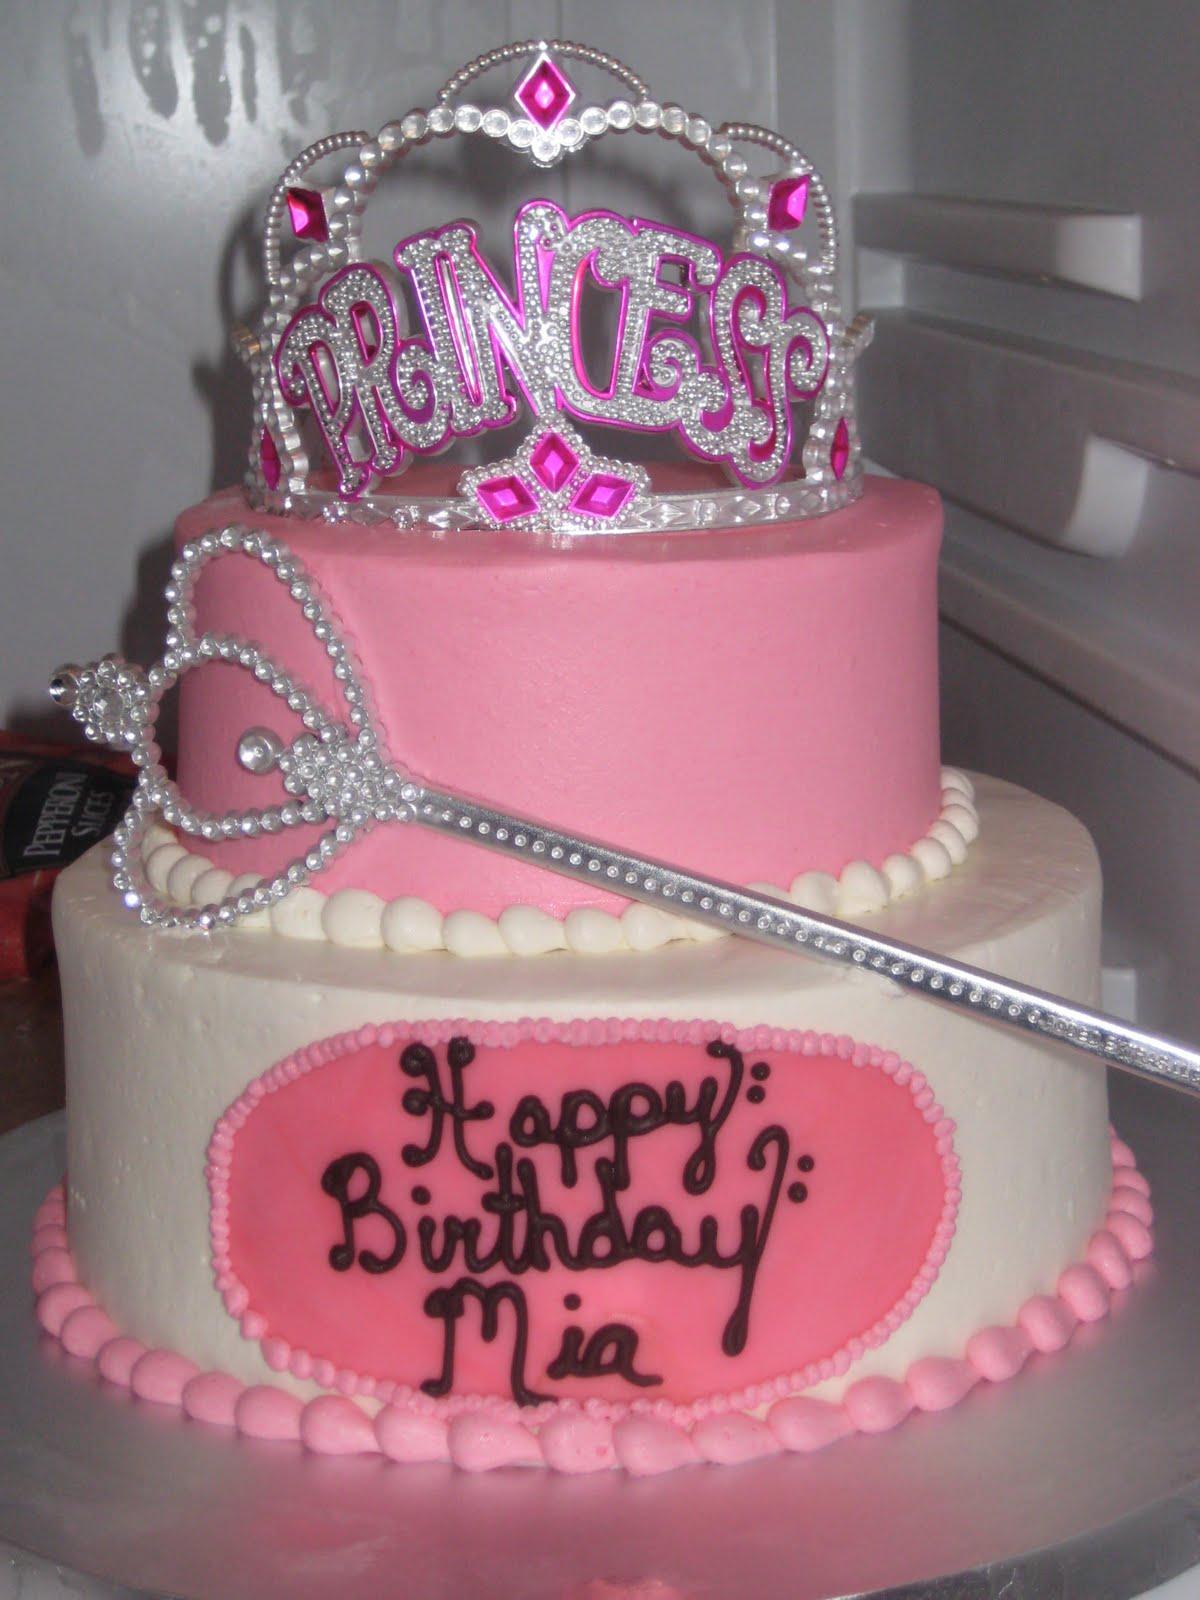 The Federici's: Mia's Birthday Cake!